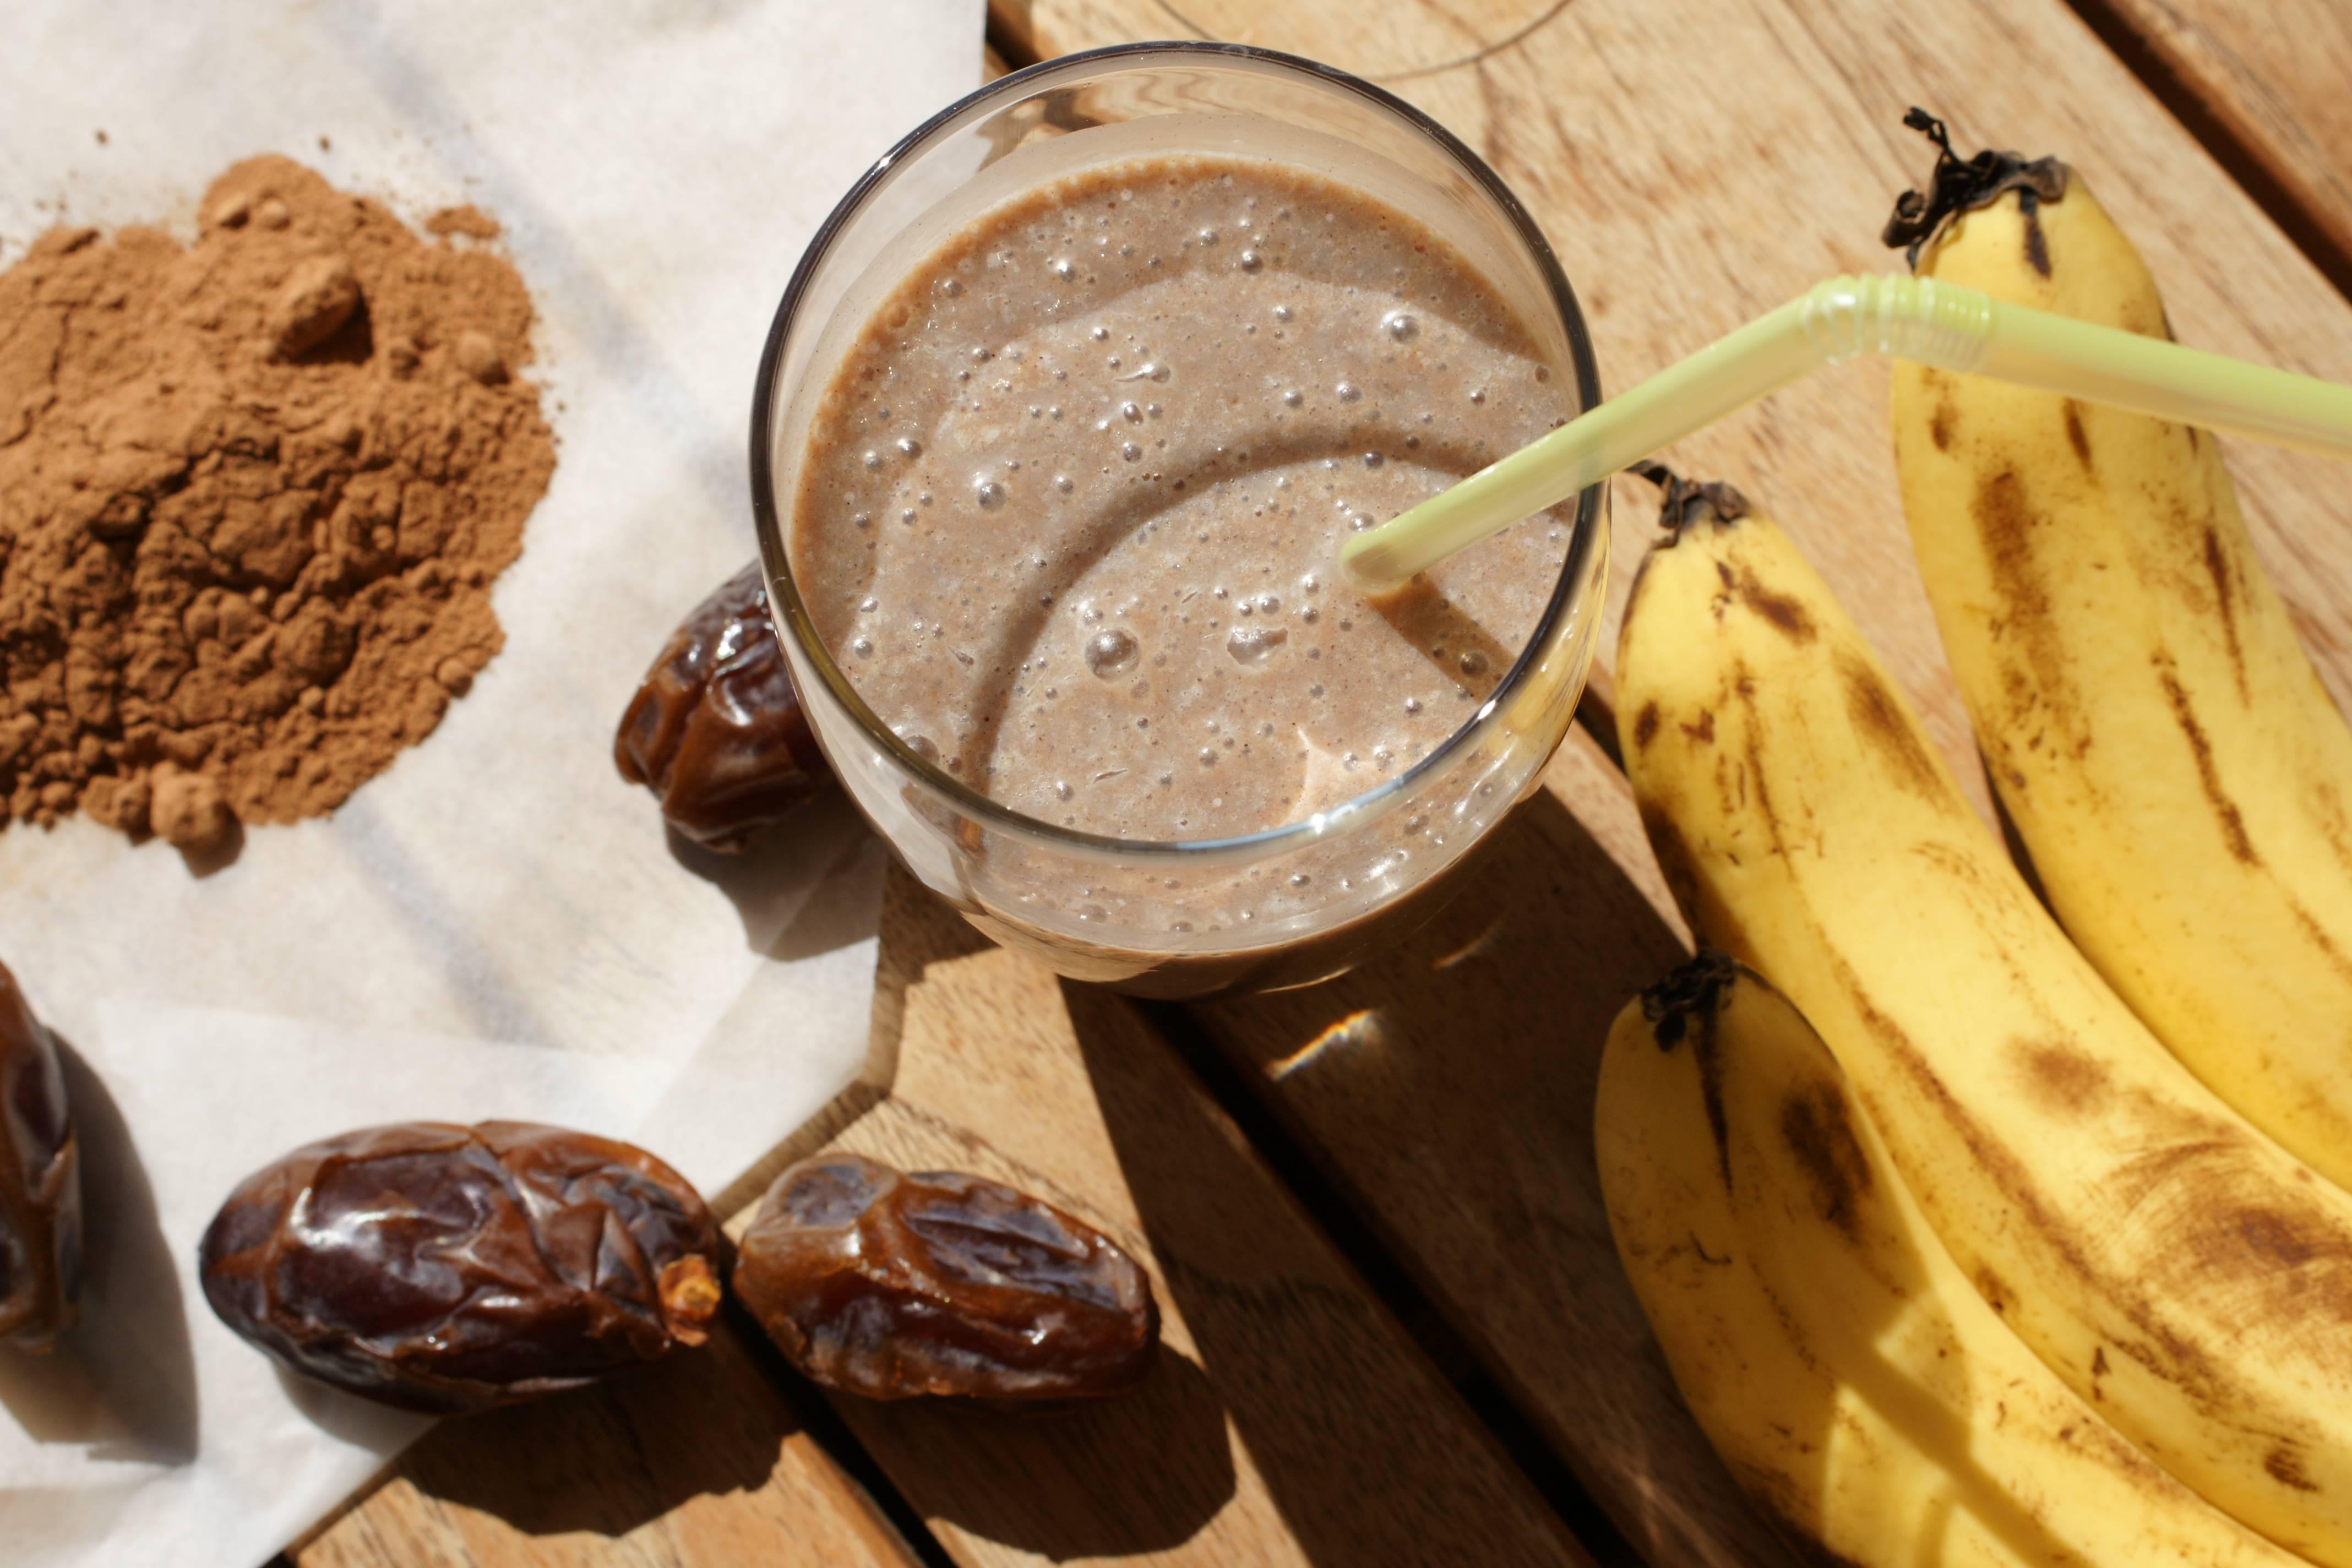 Кофе с бананом – польза напитка для организма. способы приготовления, подбор ингредиентов